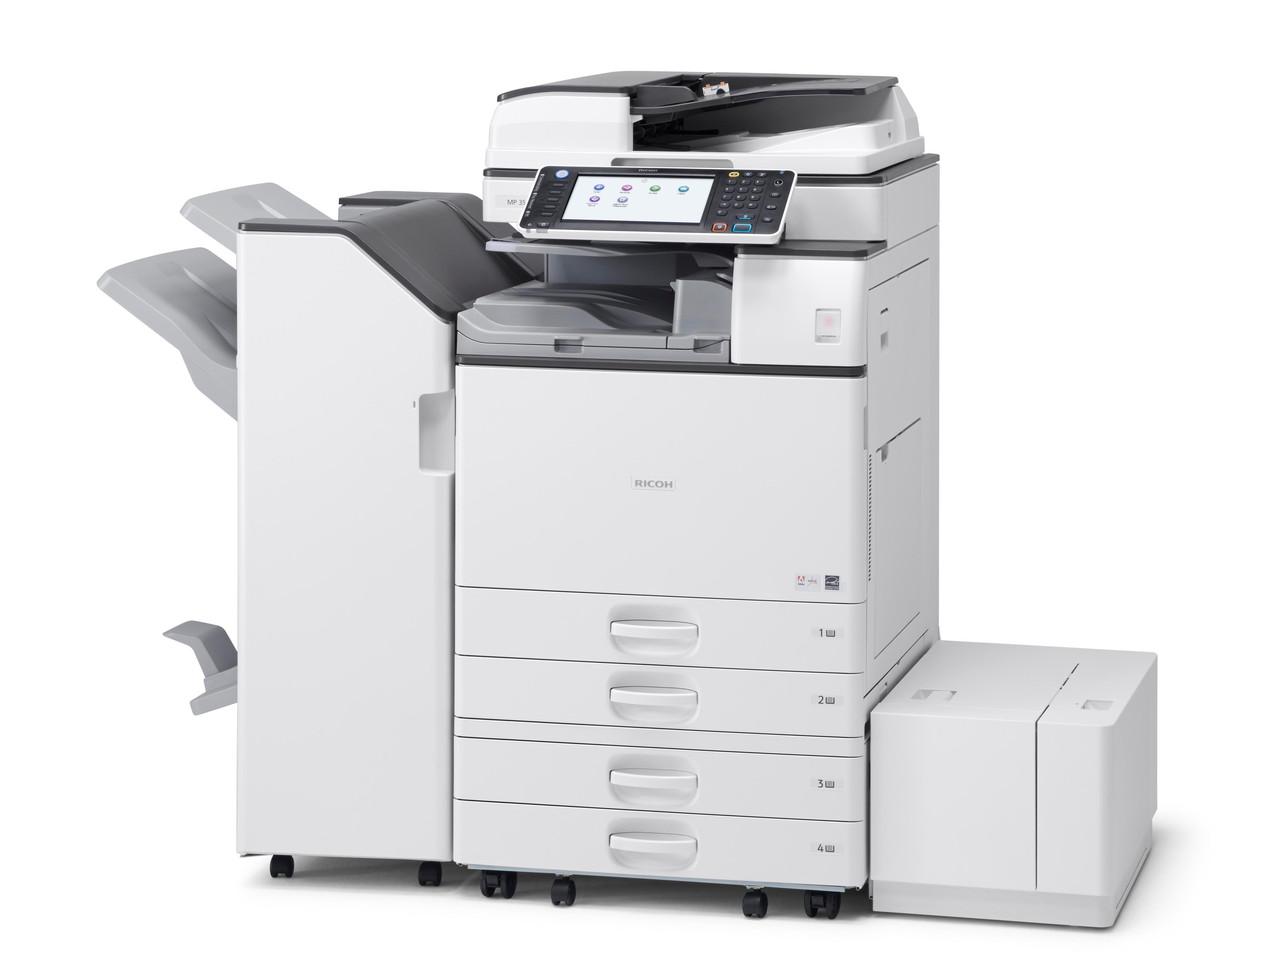 Качественный МФУ Ricoh Aficio MP 3554SP. Монохромная печать. Принтер/сканер/копир. Формат А3.